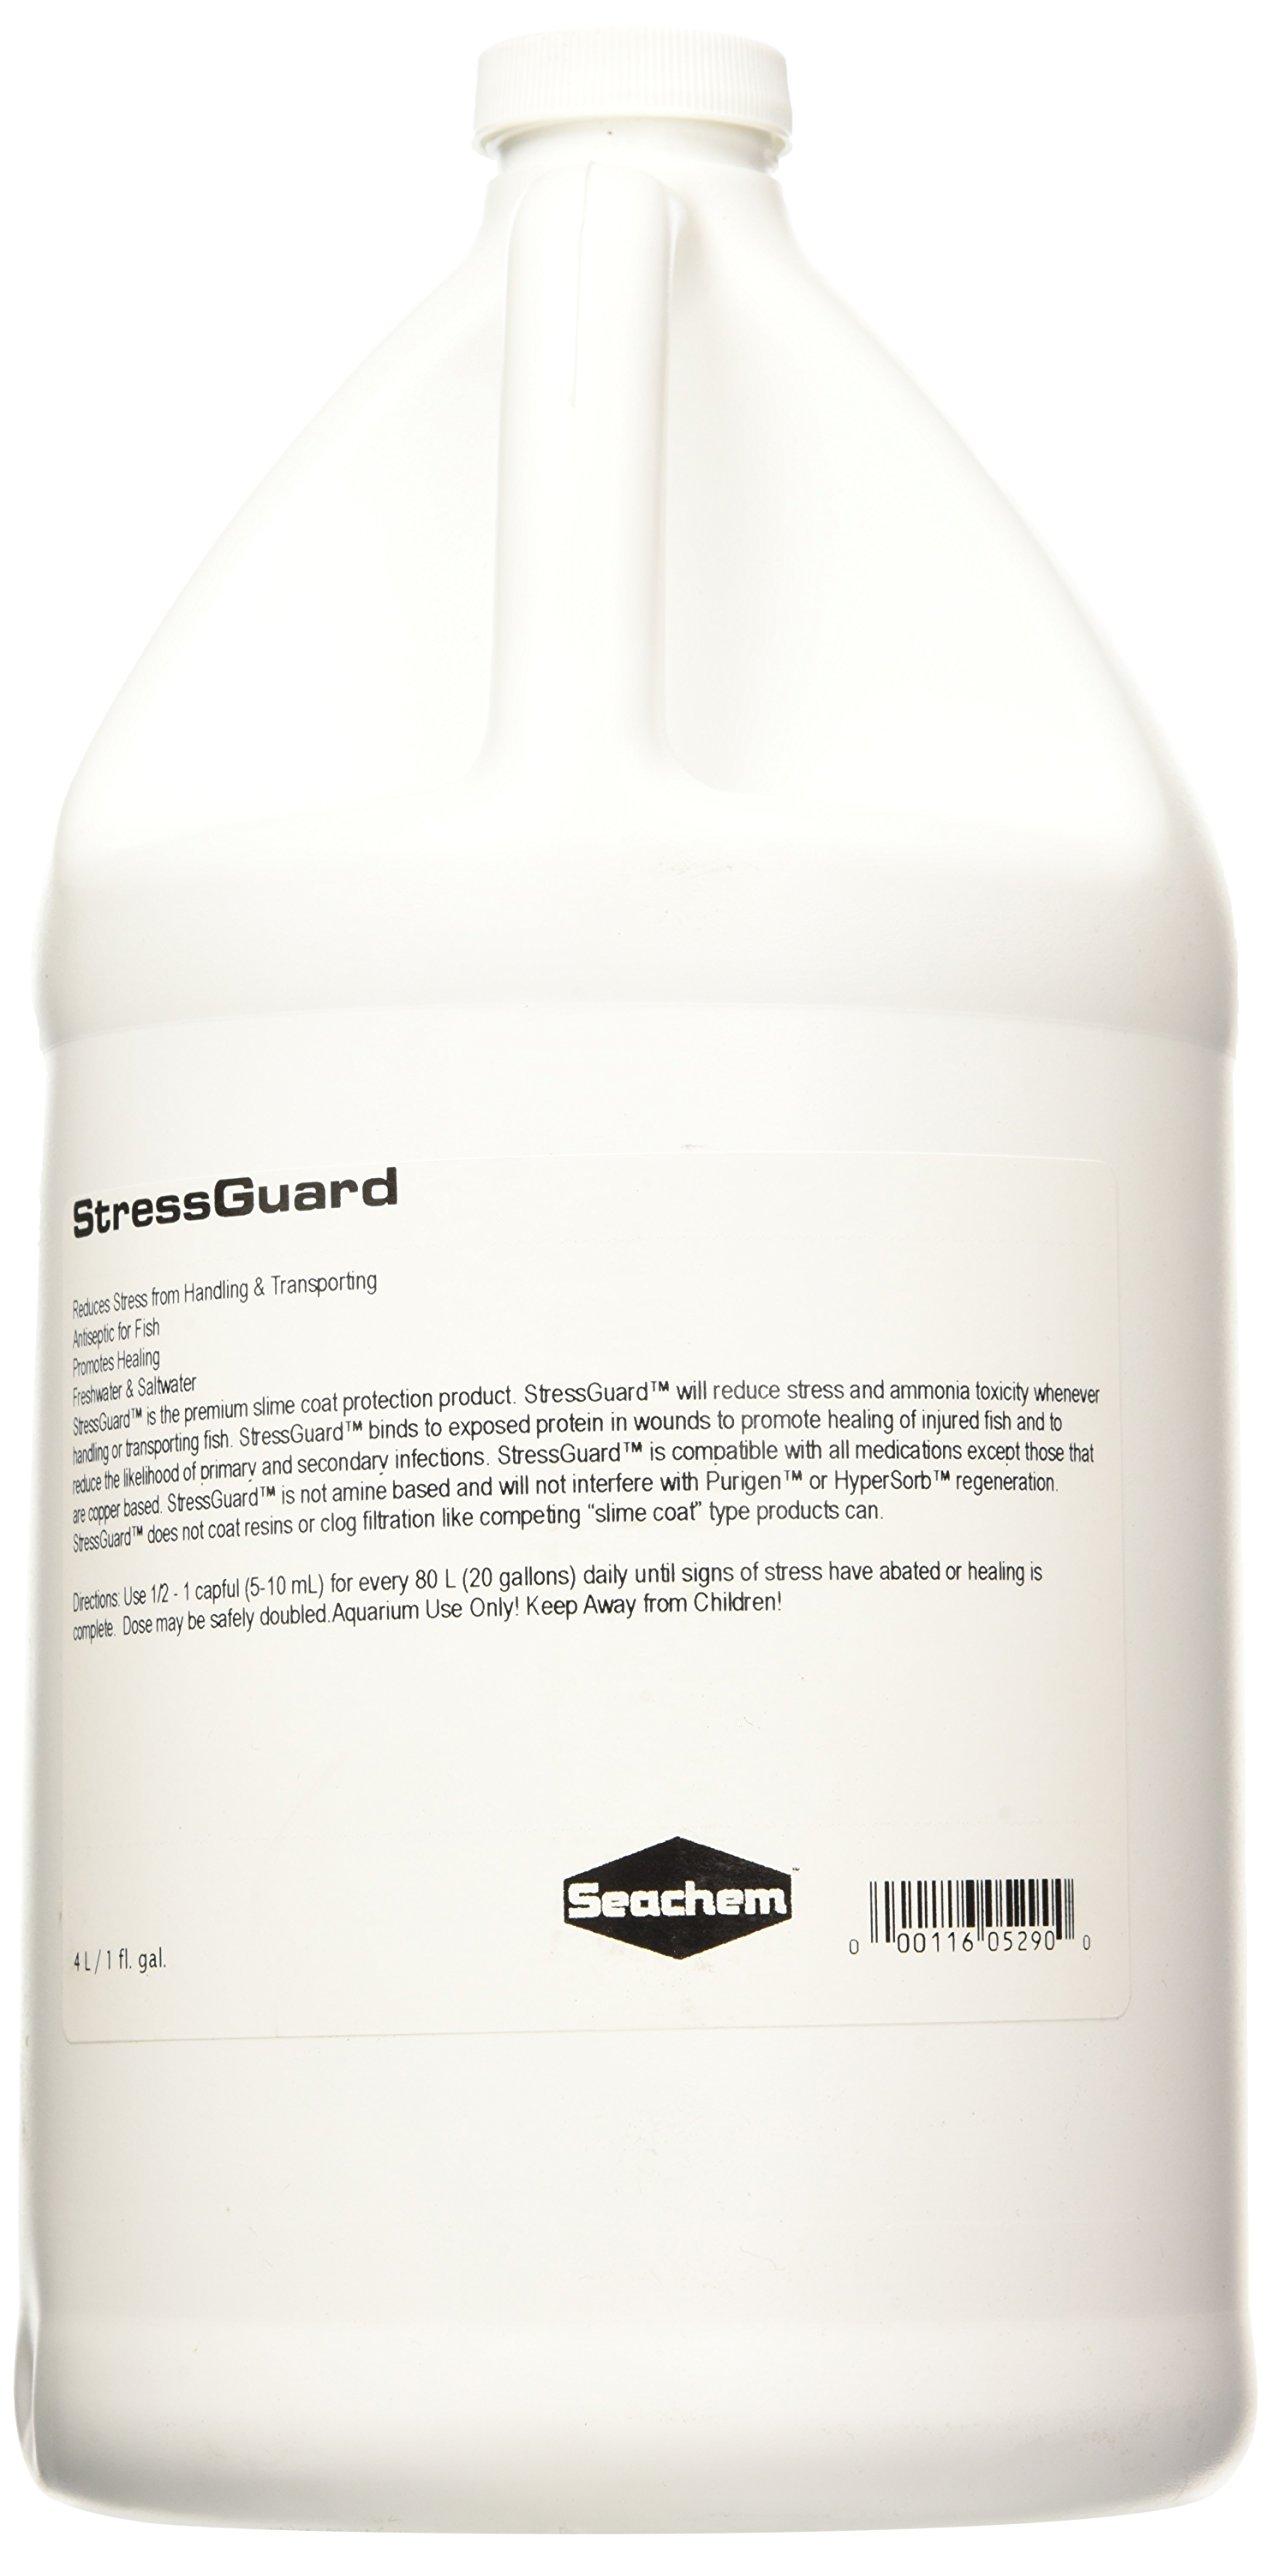 StressGuard, 4 L / 1 fl. gal.